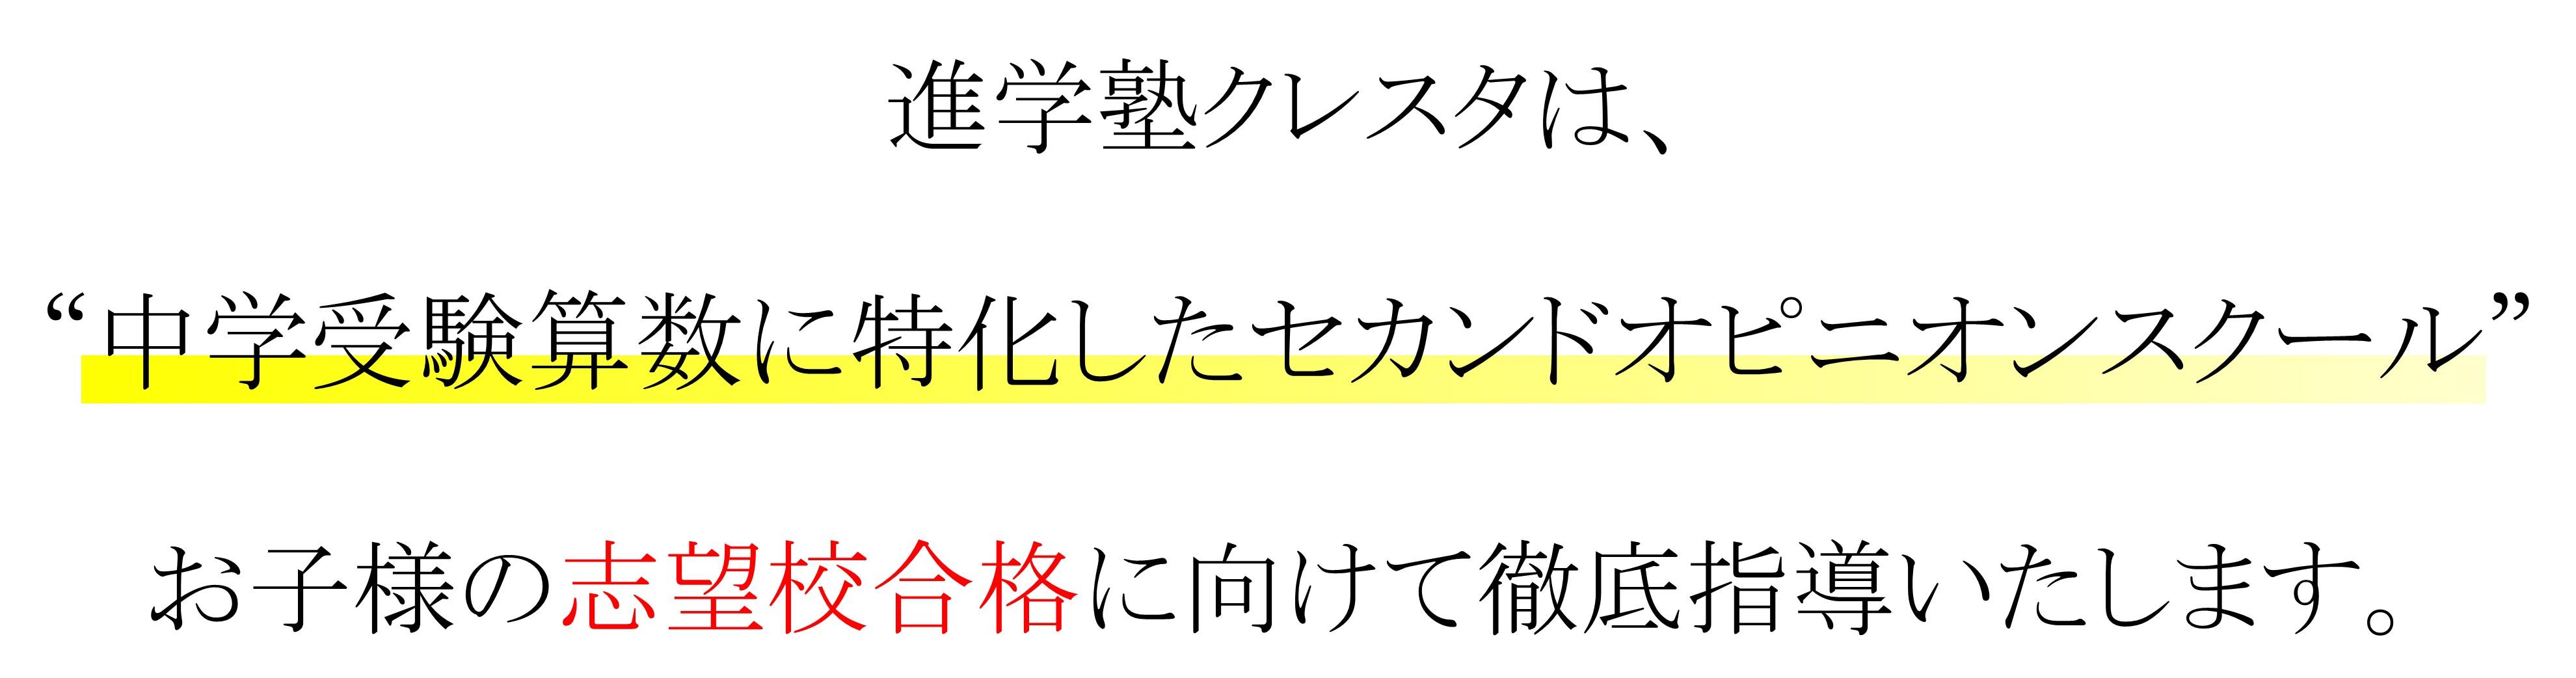 大阪の中学受験専門の進学塾クレスタは、中学受験算数に特化したセカンドオピニオンスクール。お子様の志望校合格に向けて徹底指導いたします。奈良などの関西エリアで算数塾をお探しなら、低学年から入試対策を行える進学塾クレスタをお選びください。